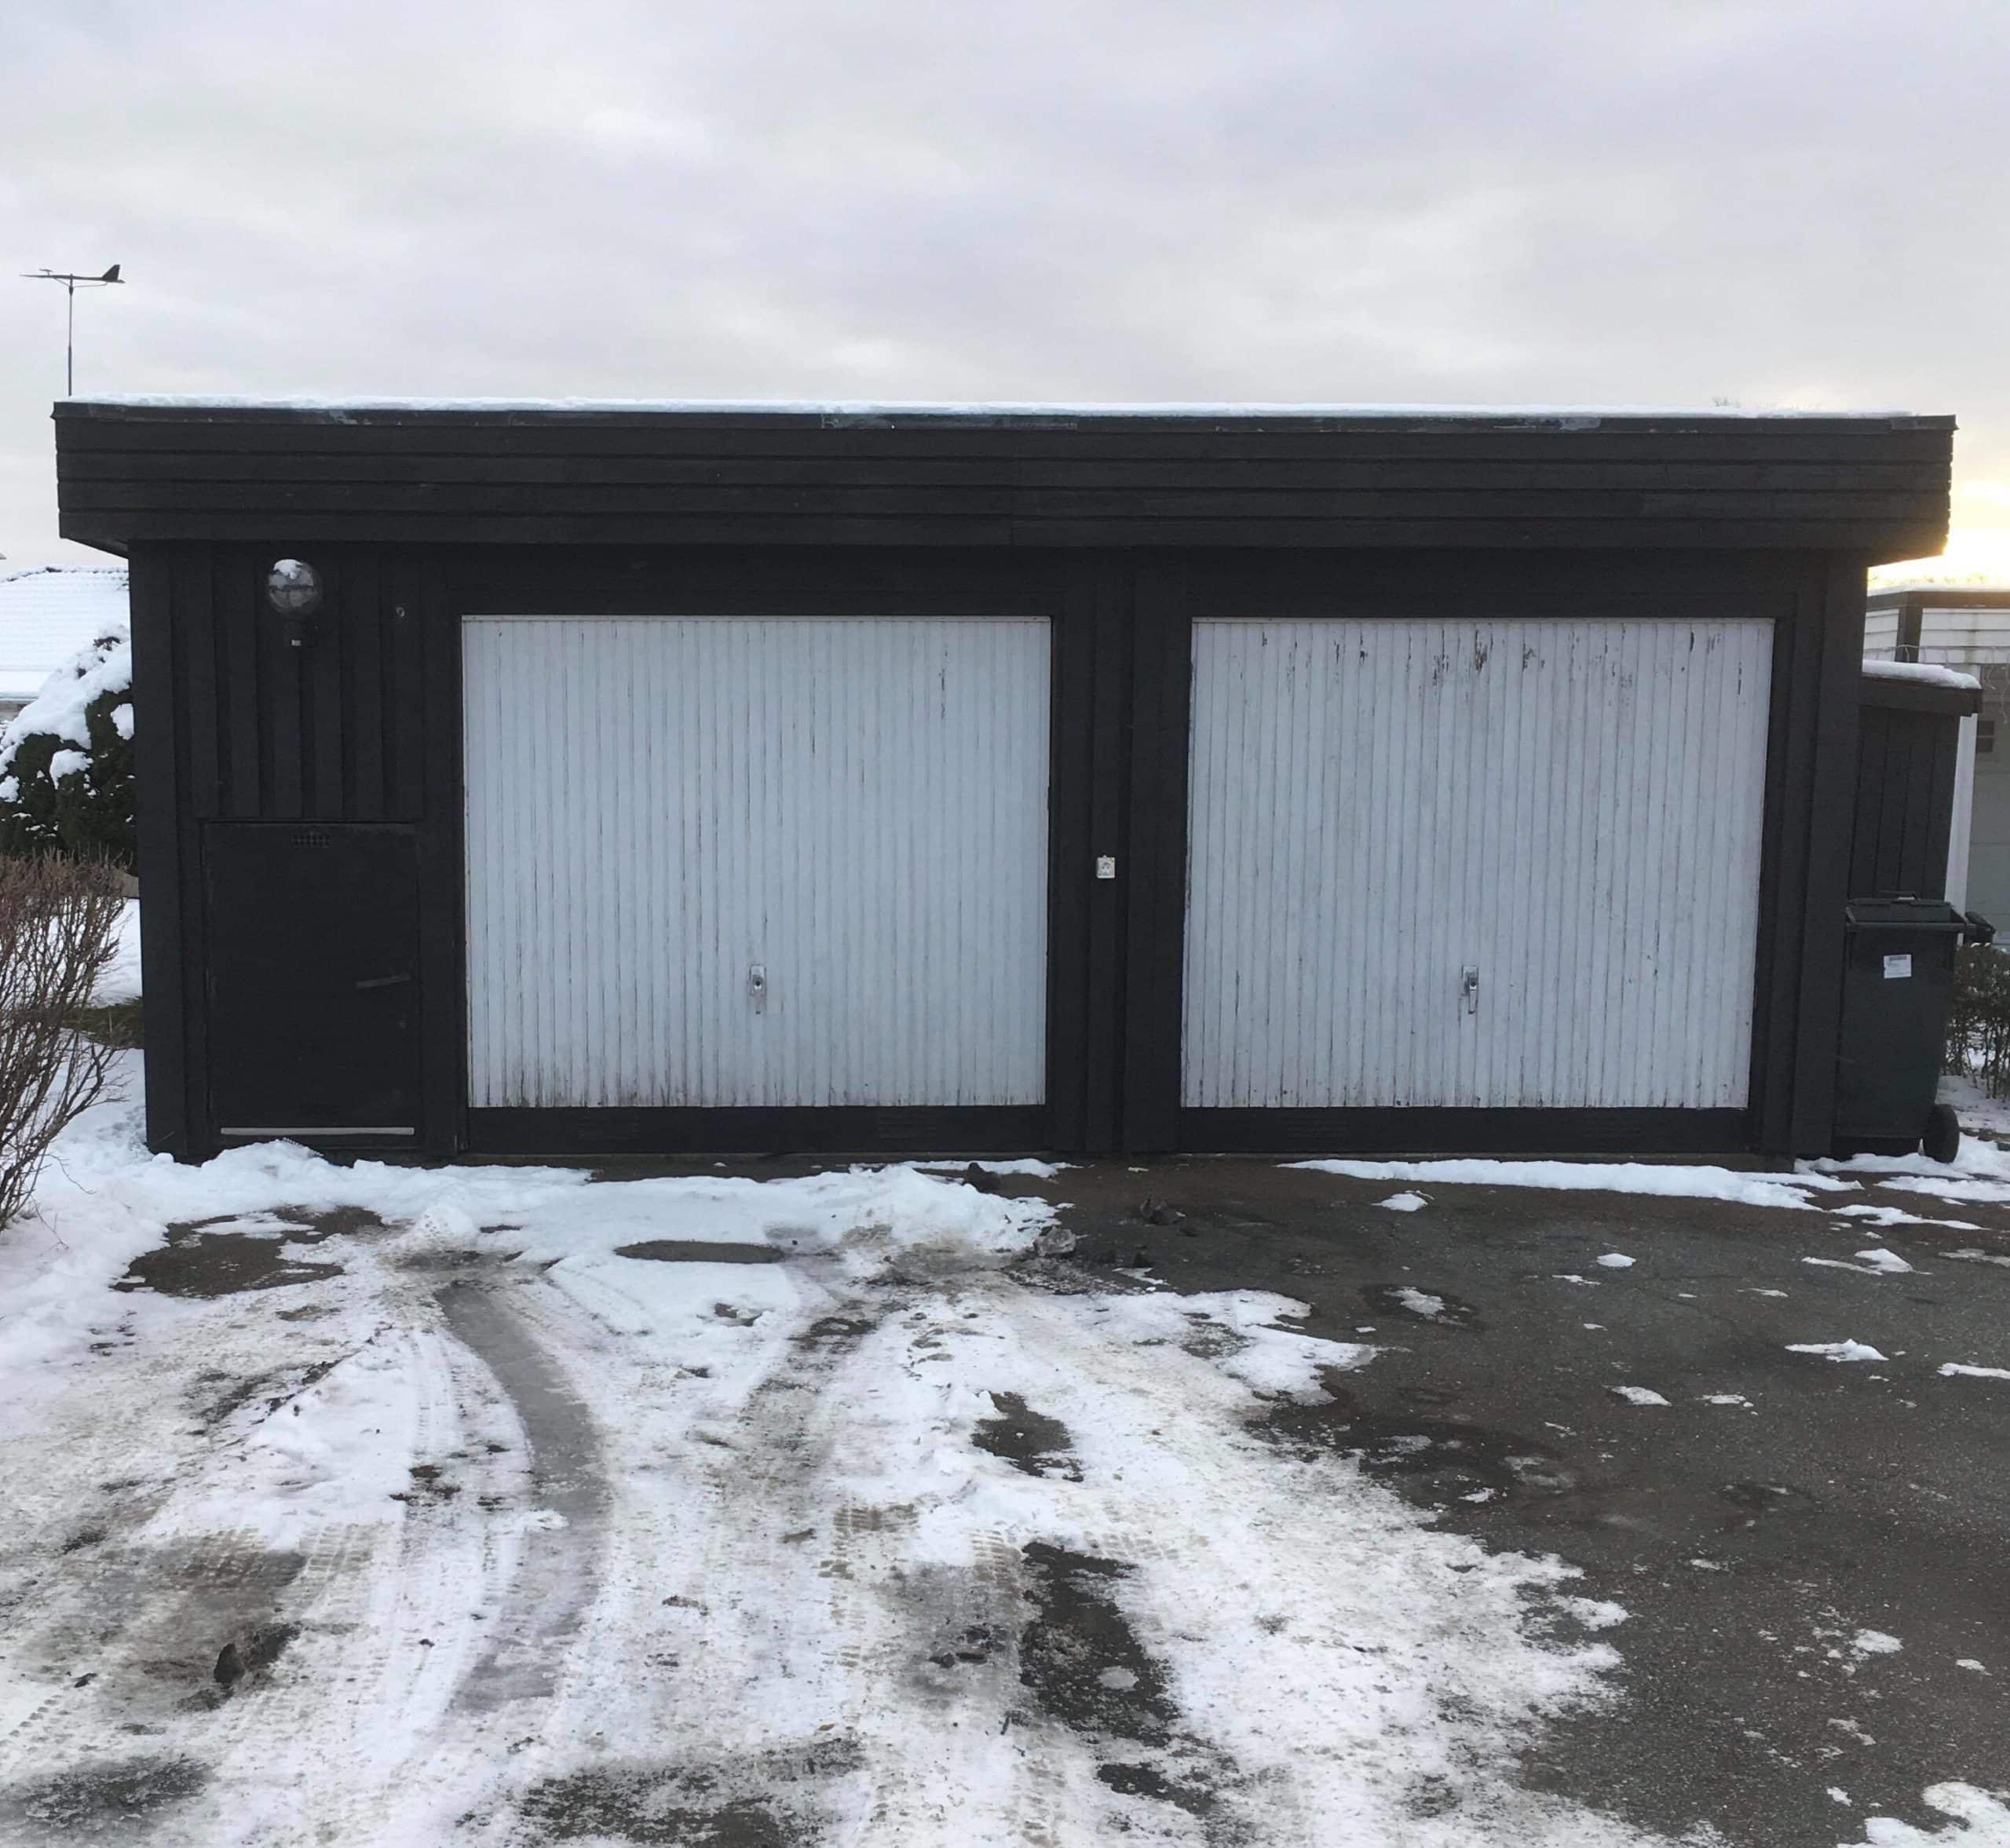 Comment convertir un garage en salon?